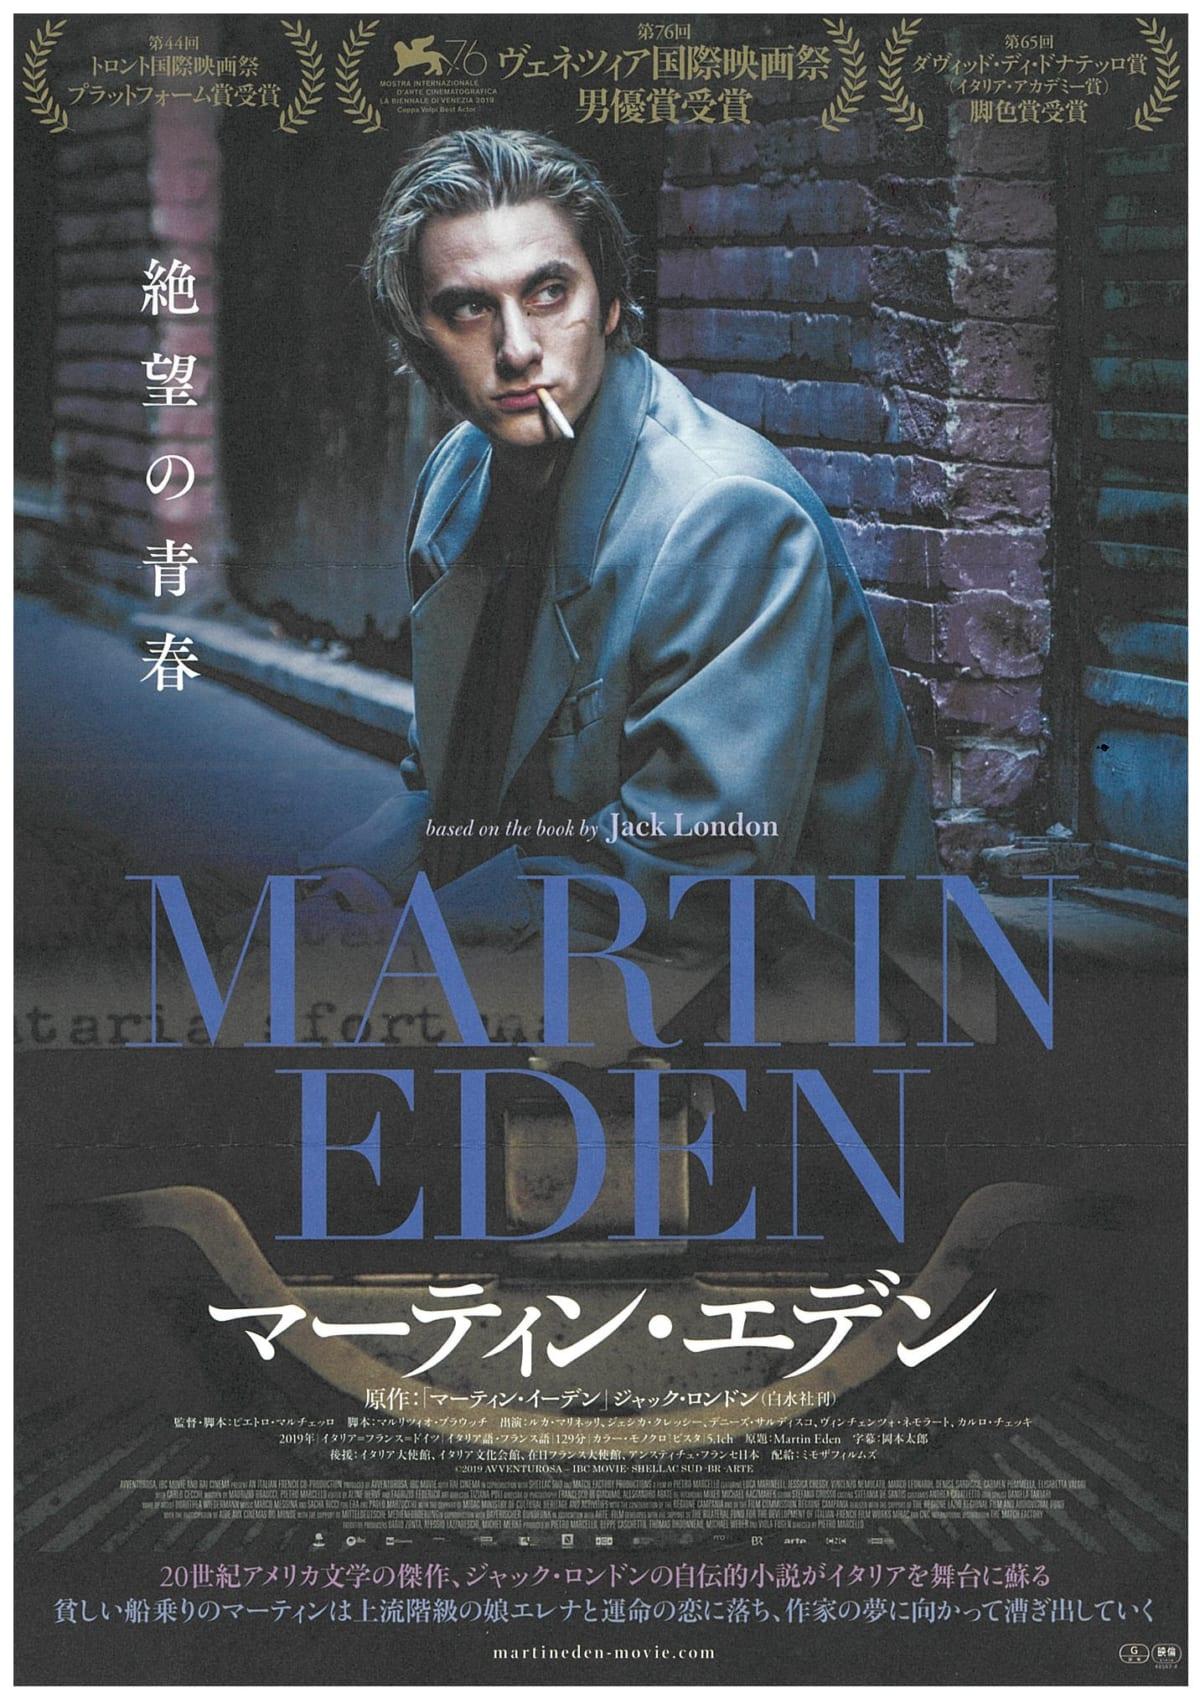 マーティン・エデン」~徳島でみれない映画を見る会~   日刊あわわ